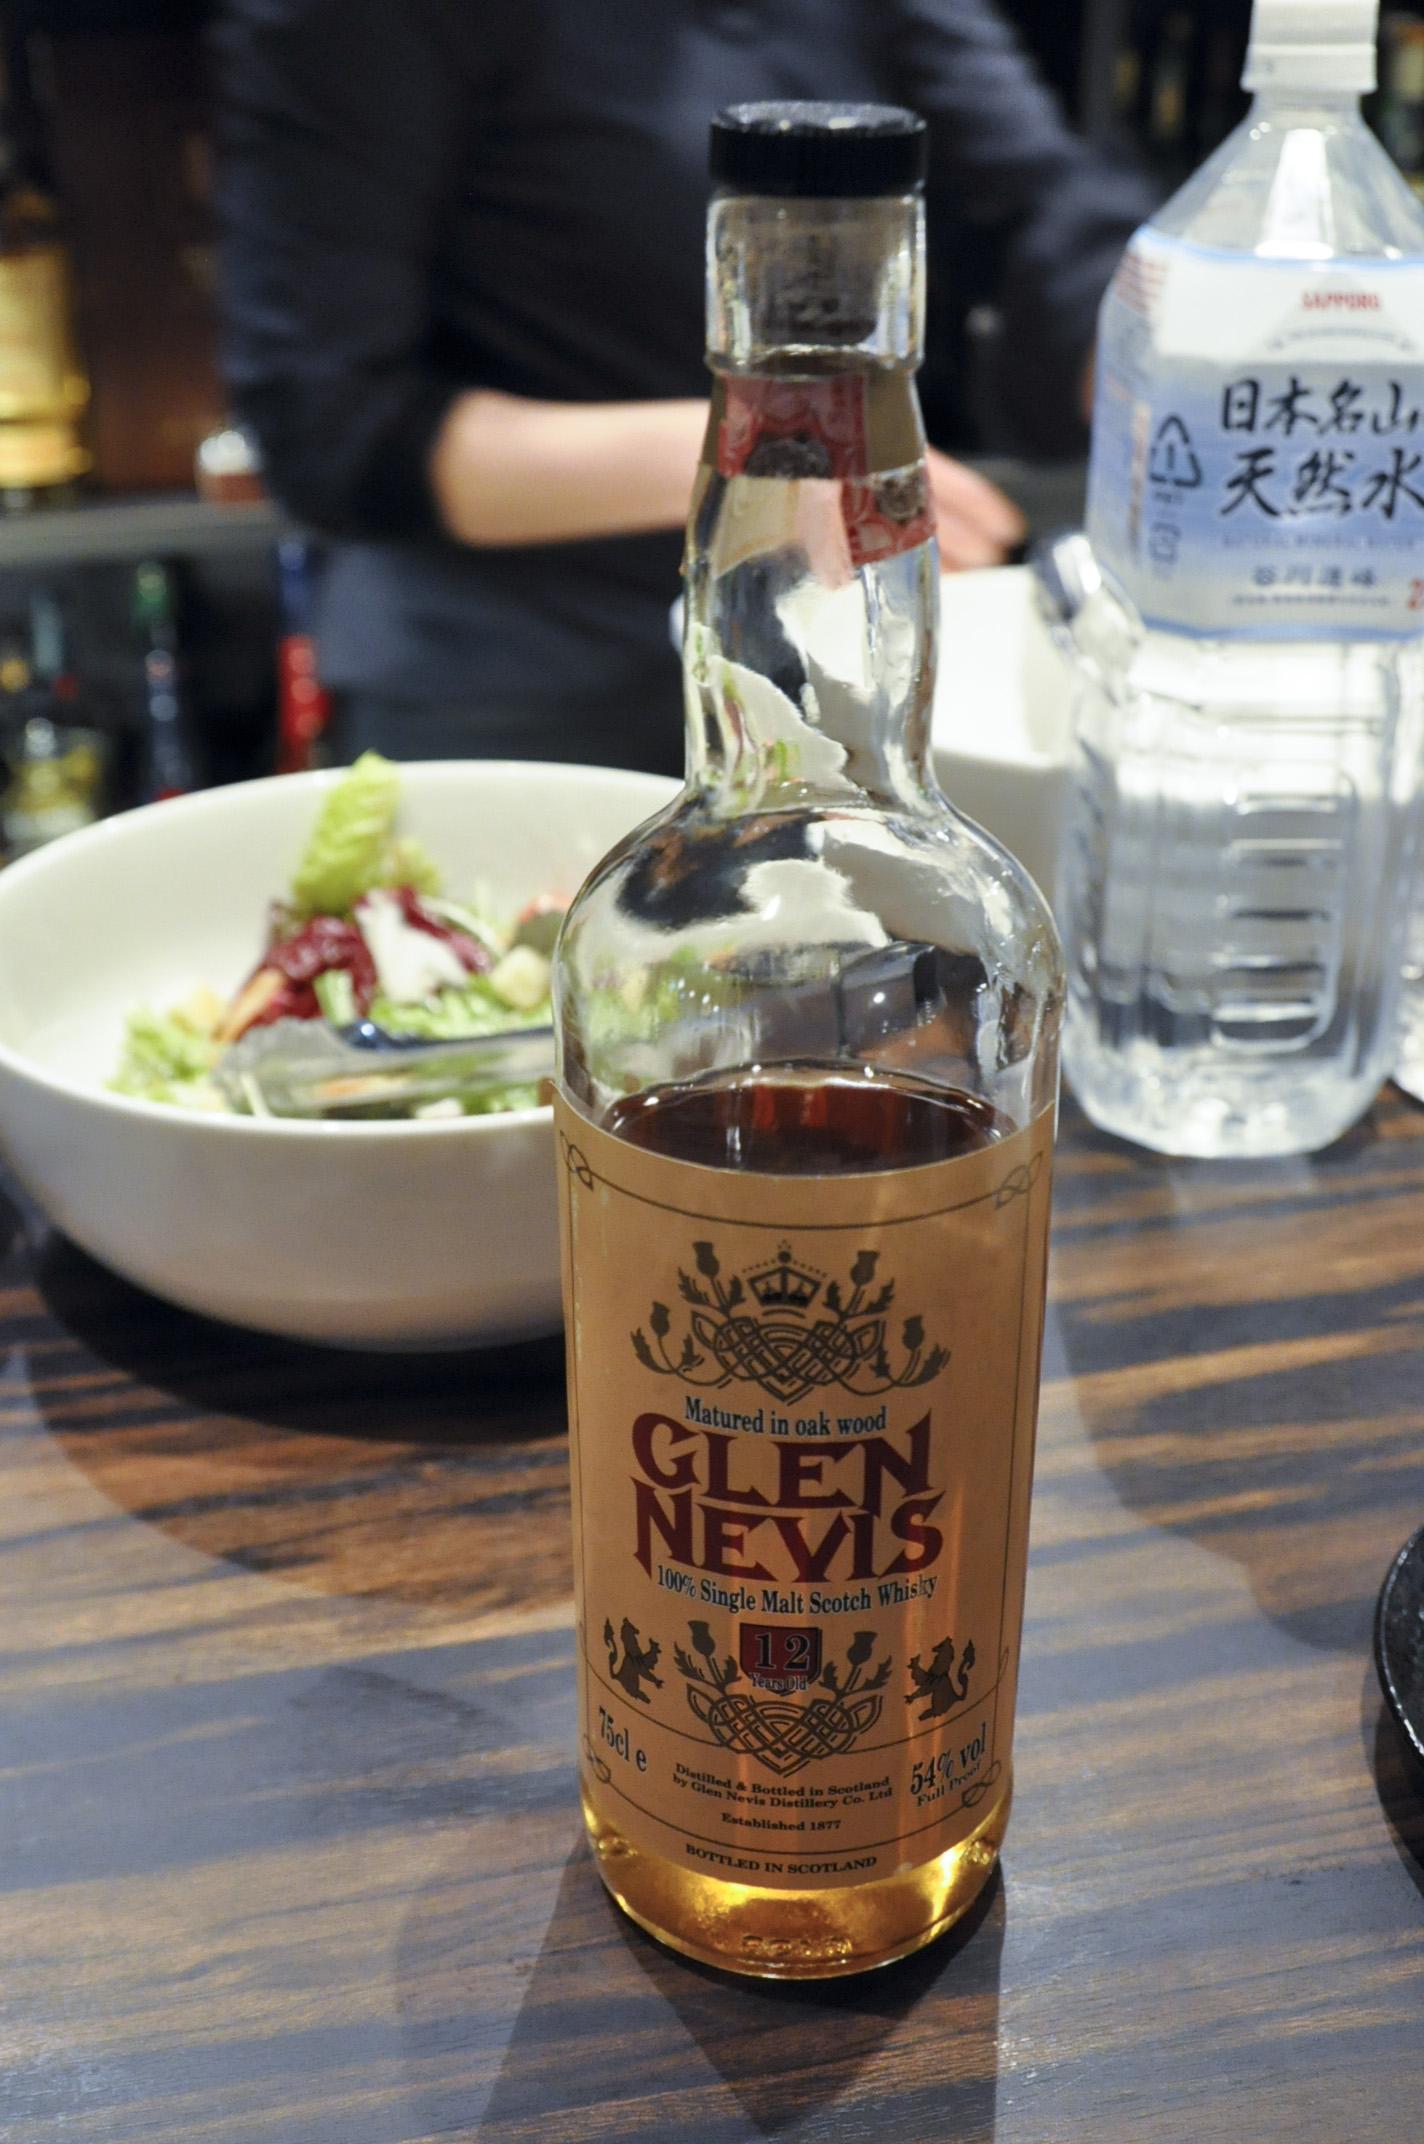 """【BL/SC】グレンネヴィス(グレンスコシア) Glen Nevis (GlenScotia) 12yo (54%, OB, """"100% Simglemalt Whisky"""", F&G-Bruino, Oak wood) Full Proof 表記"""